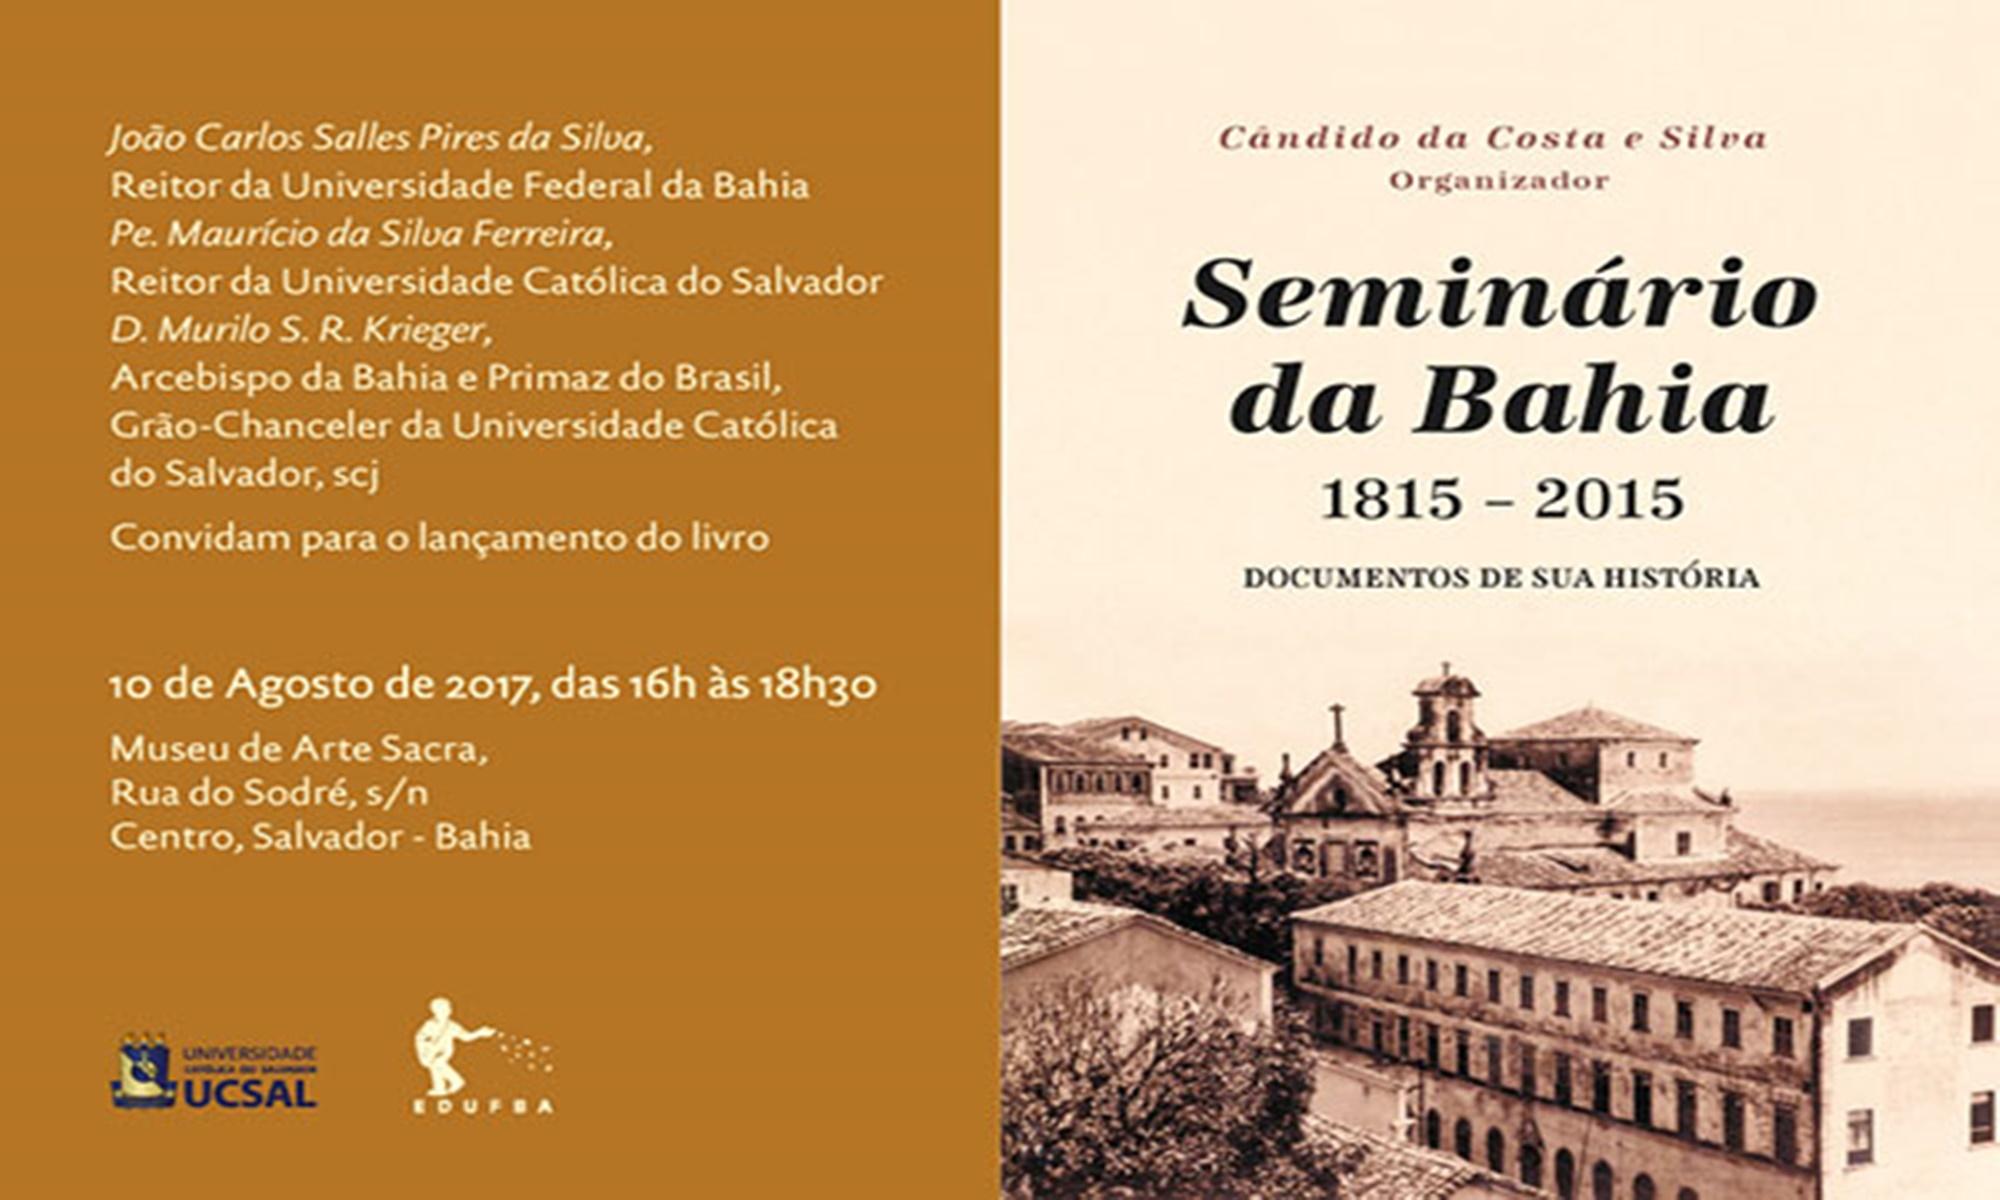 Acontece no museu de arte sacra o lançamento do livro Seminário da Bahia 1815 -2015: documentos de sua história